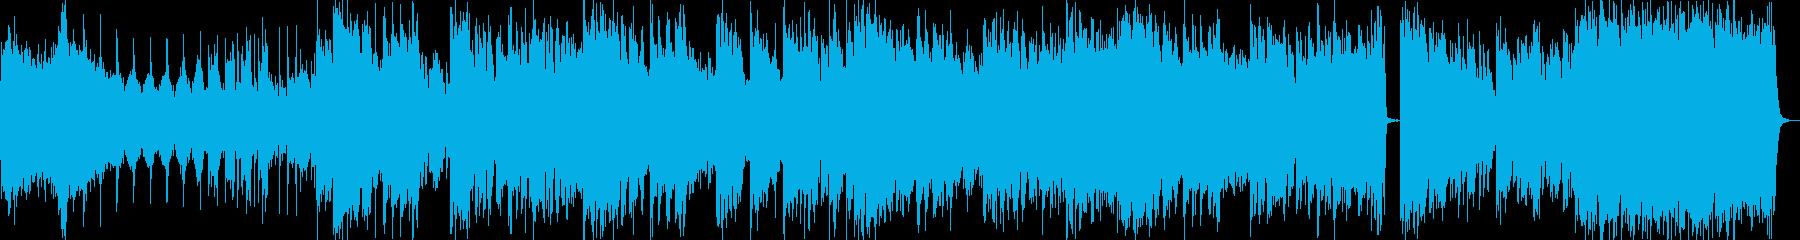 50秒の和風×エレクトロインストの再生済みの波形